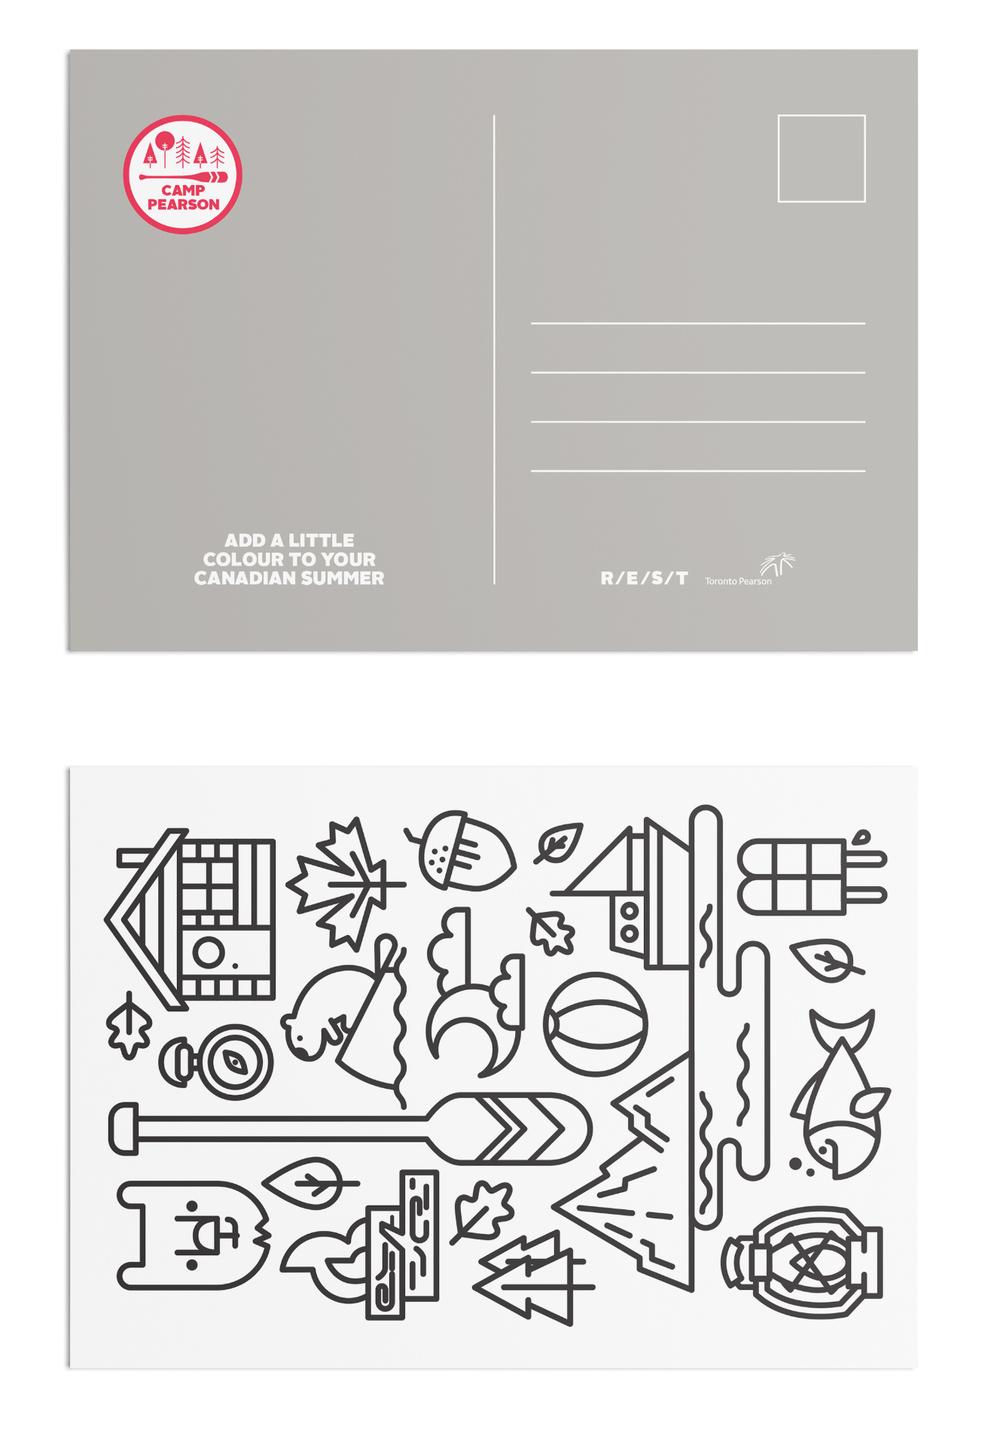 restsummeprogrampostcard